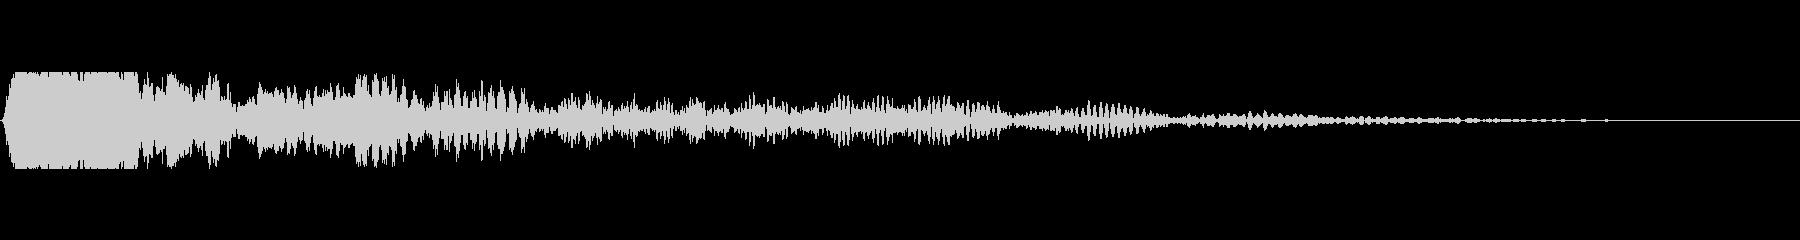 ポドラサー2の未再生の波形